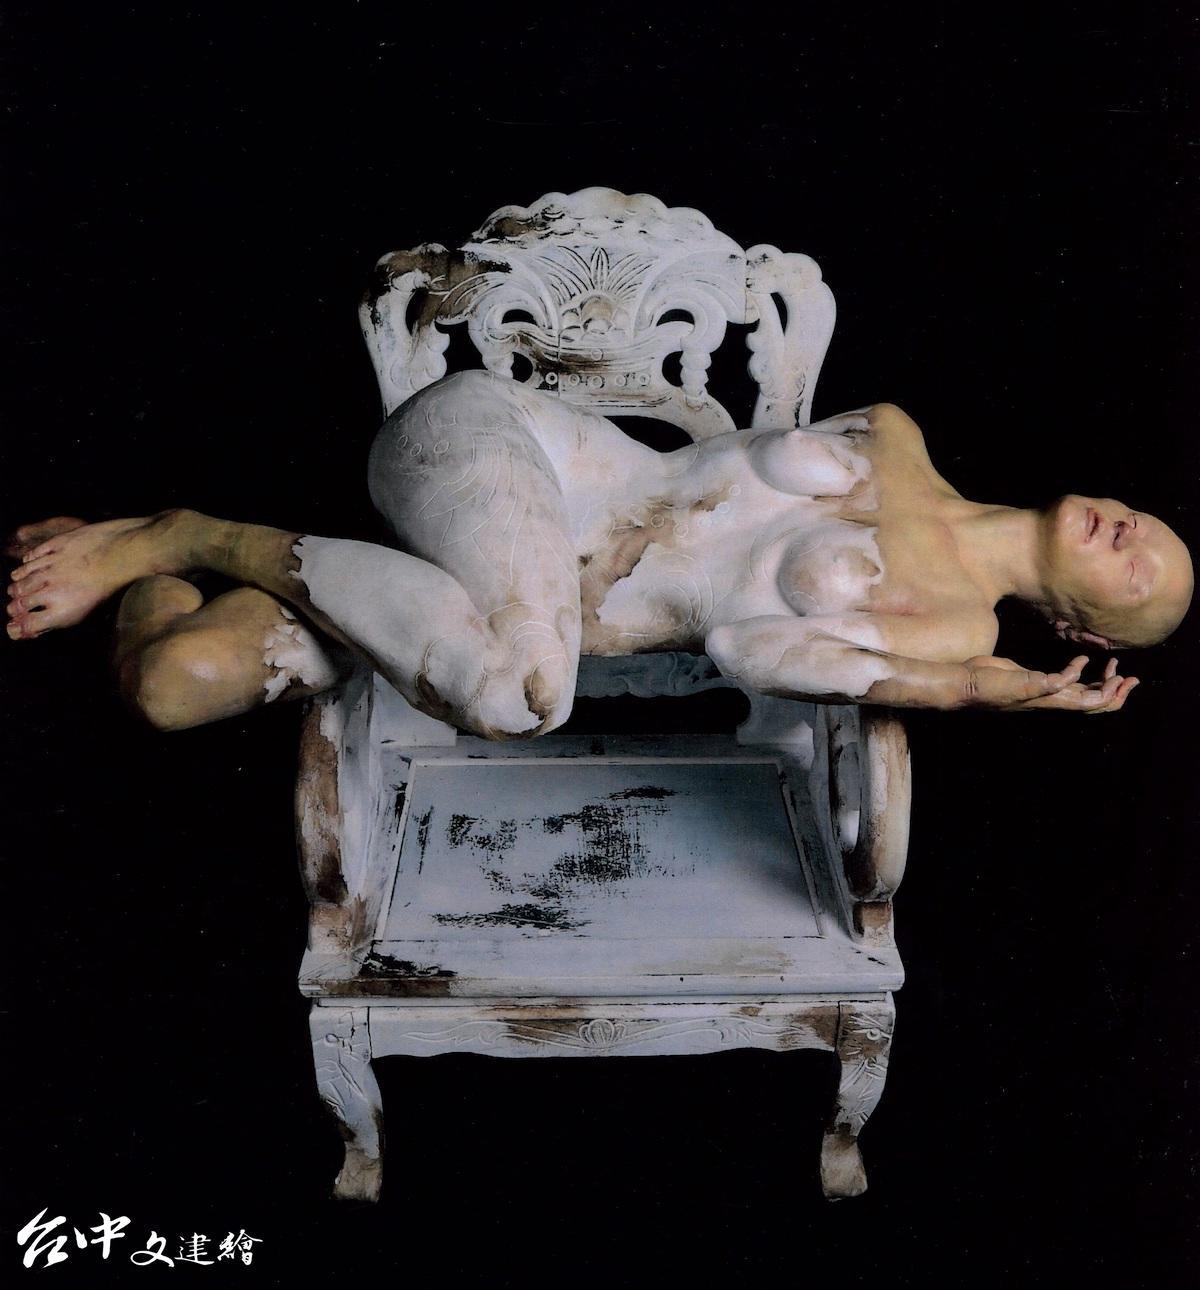 林辰勳今年再獲雕塑類首獎,角逐第二次的「大墩獎」,圖為其拿下第22屆大墩獎作品〈限像—色空・染寂〉。(圖:台中市文化局)